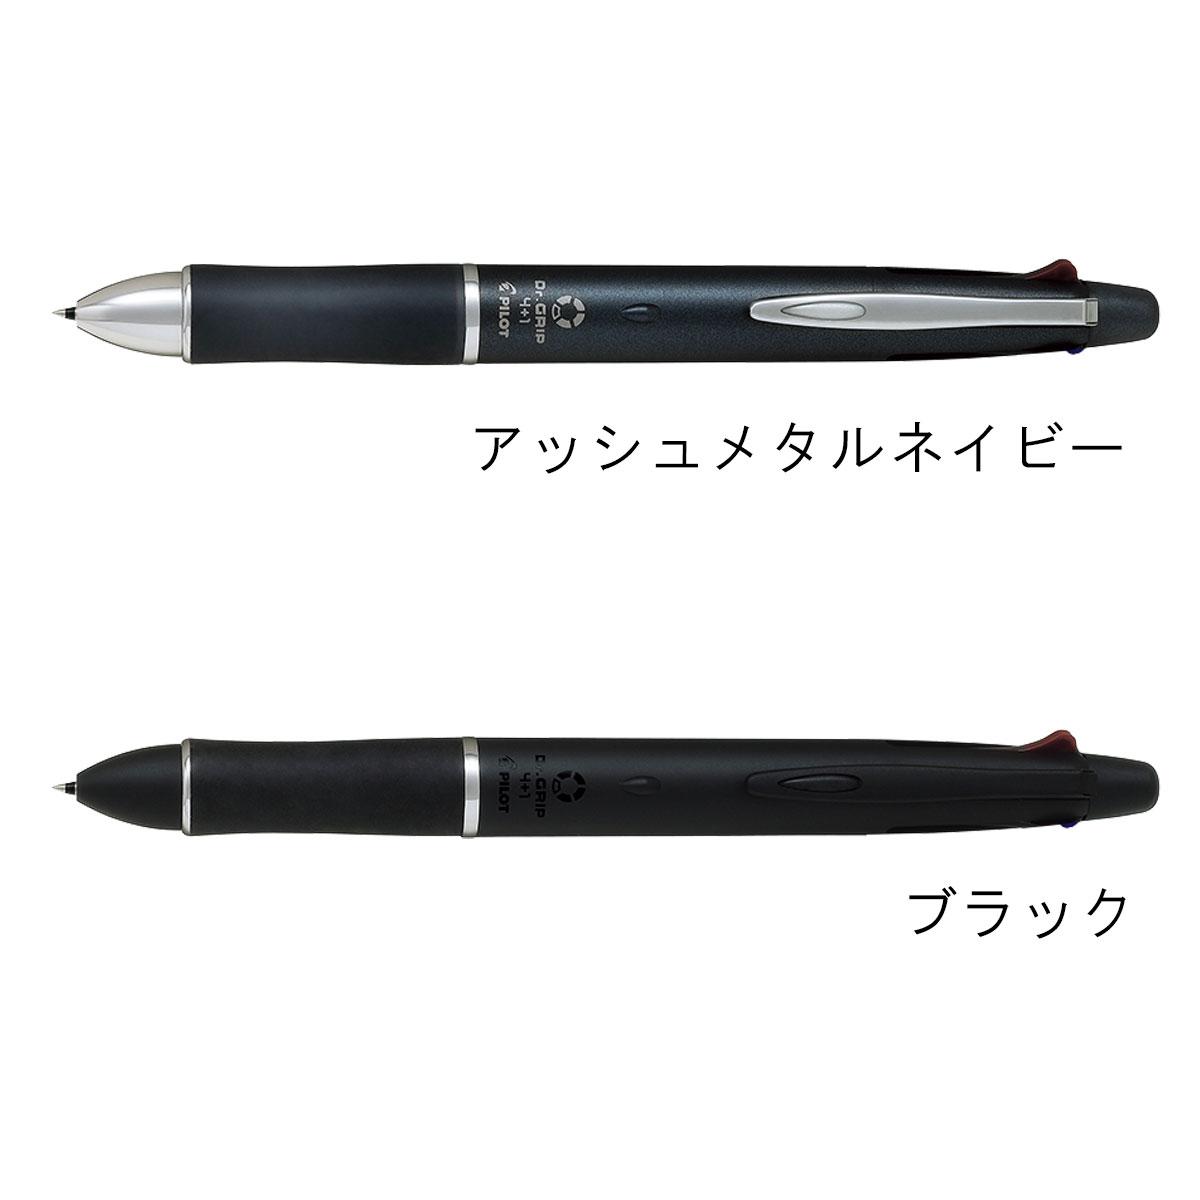 パイロット ドクターグリップ4+1 (0.5極細+シャープ0.5mm)